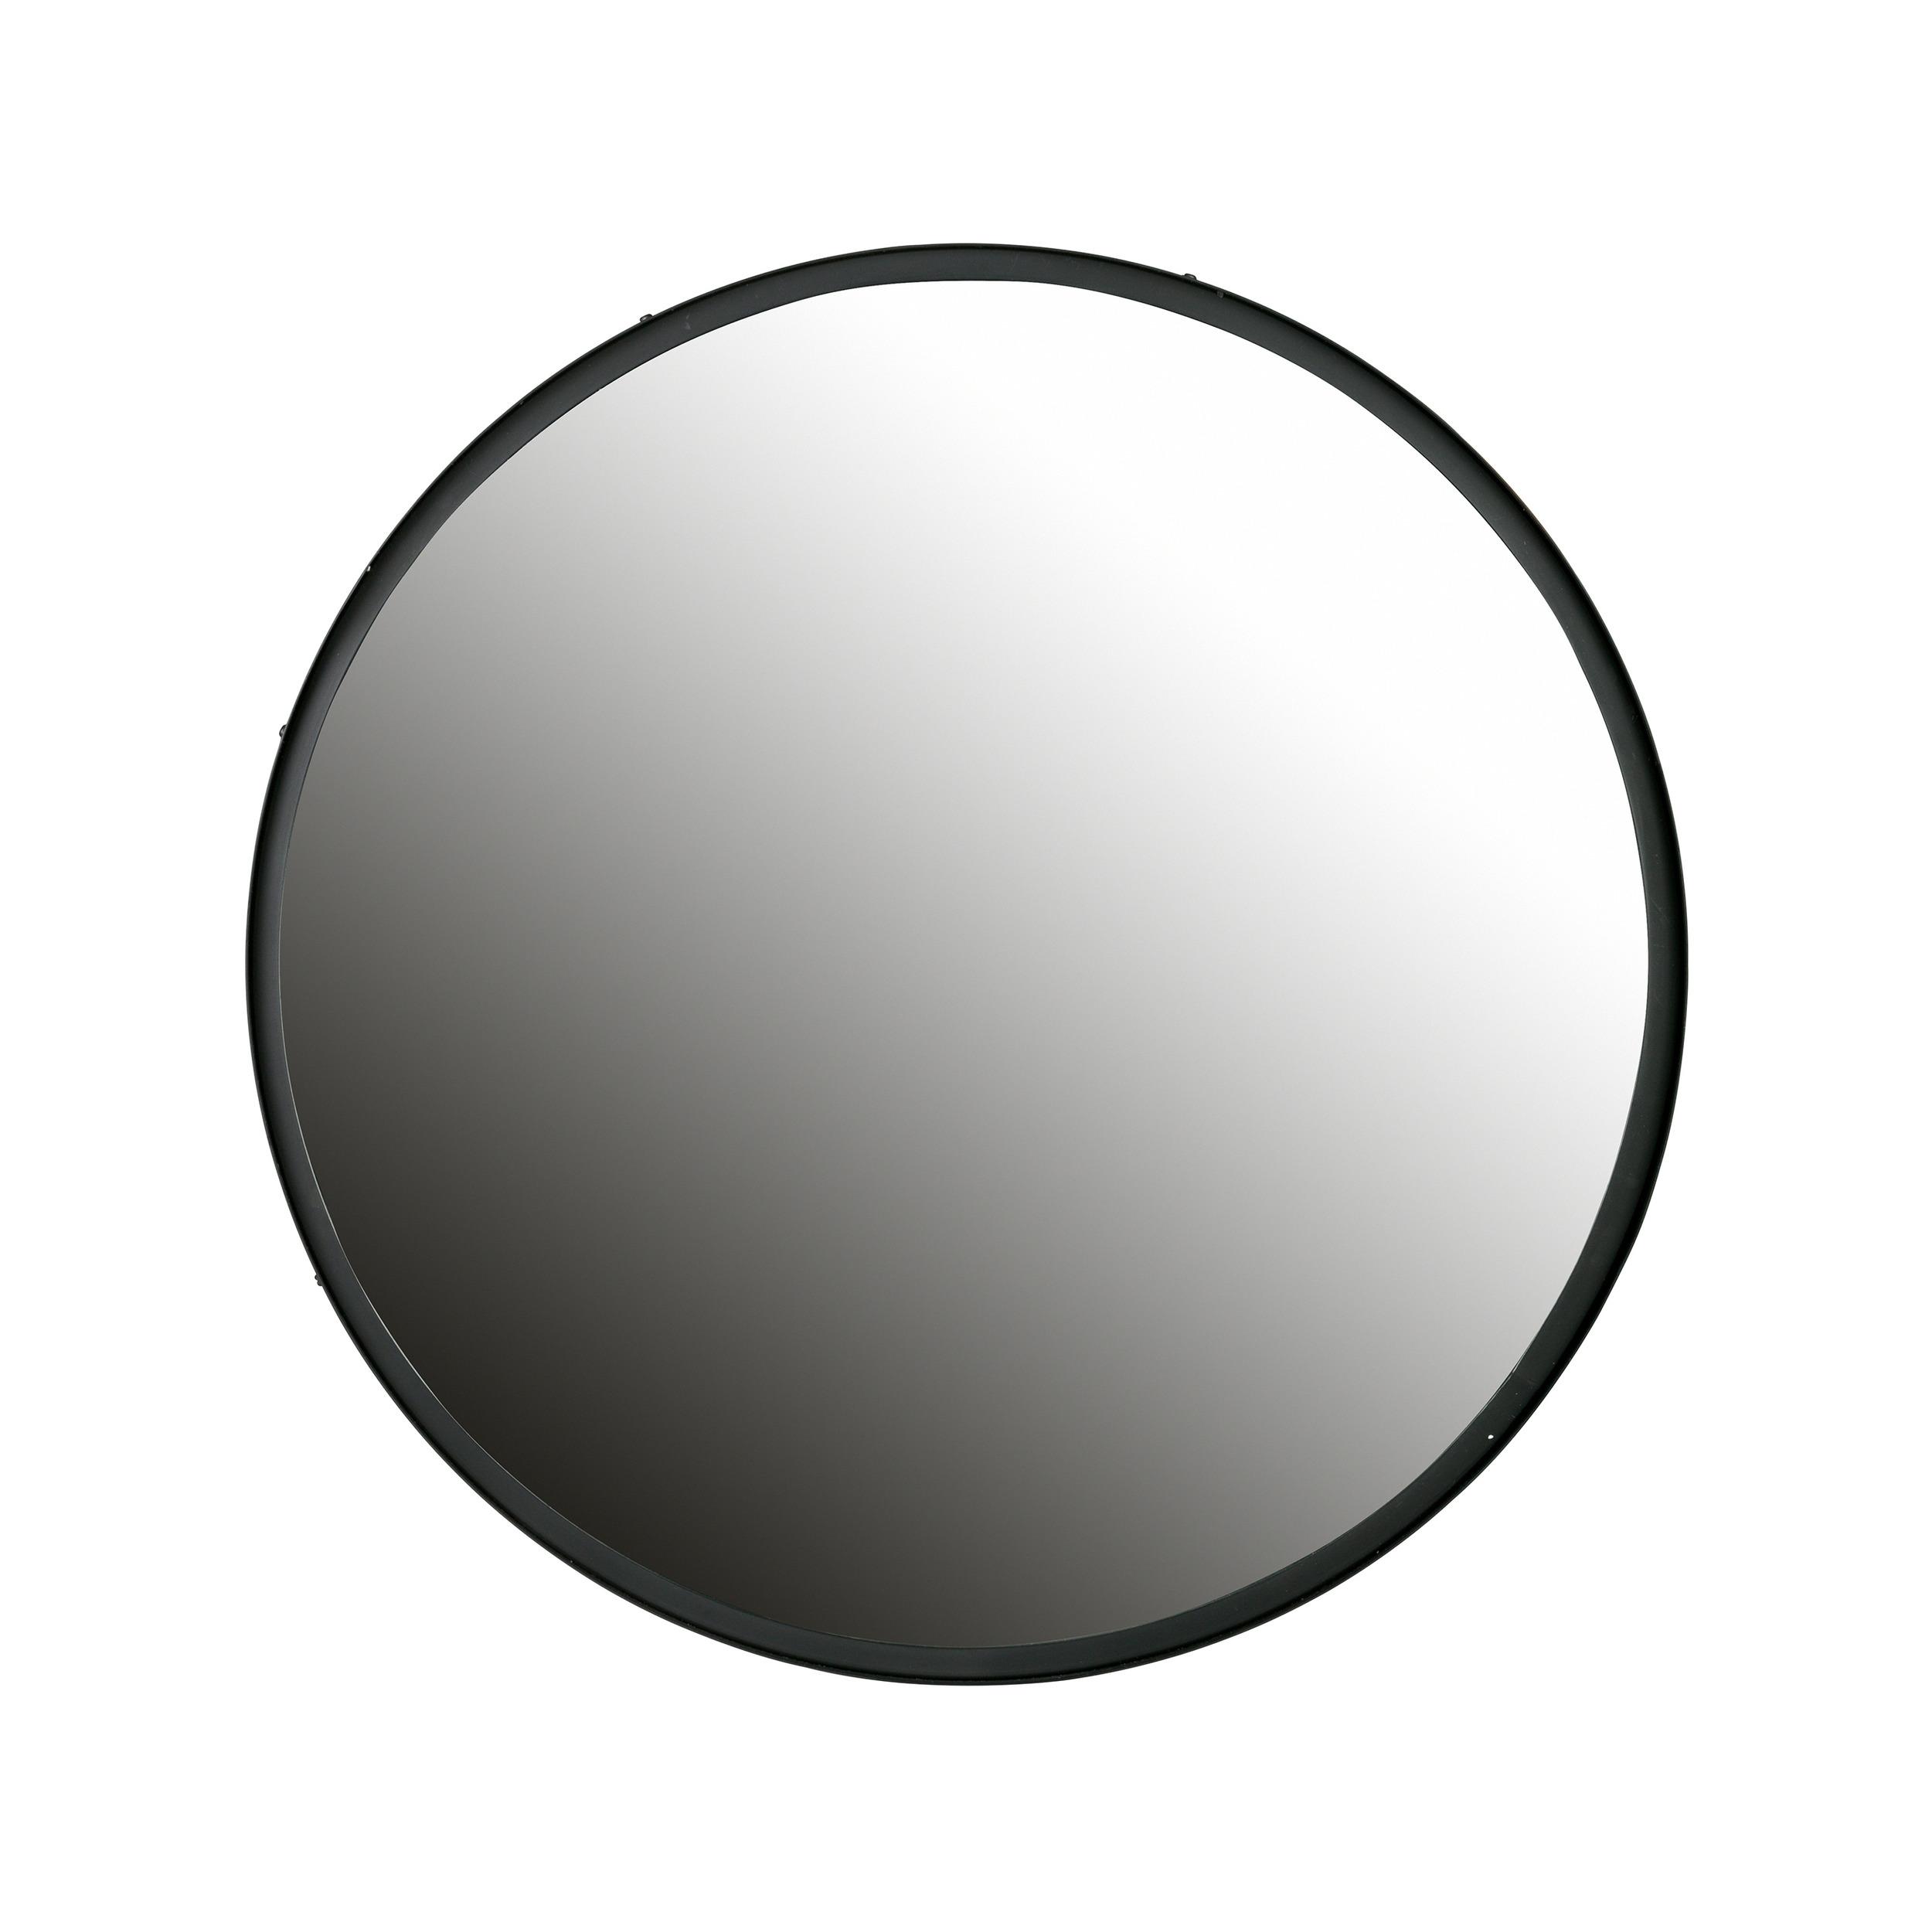 Woood Ronde Spiegel 'Lauren' 80cm, kleur Zwart WOOOD 31331 kopen